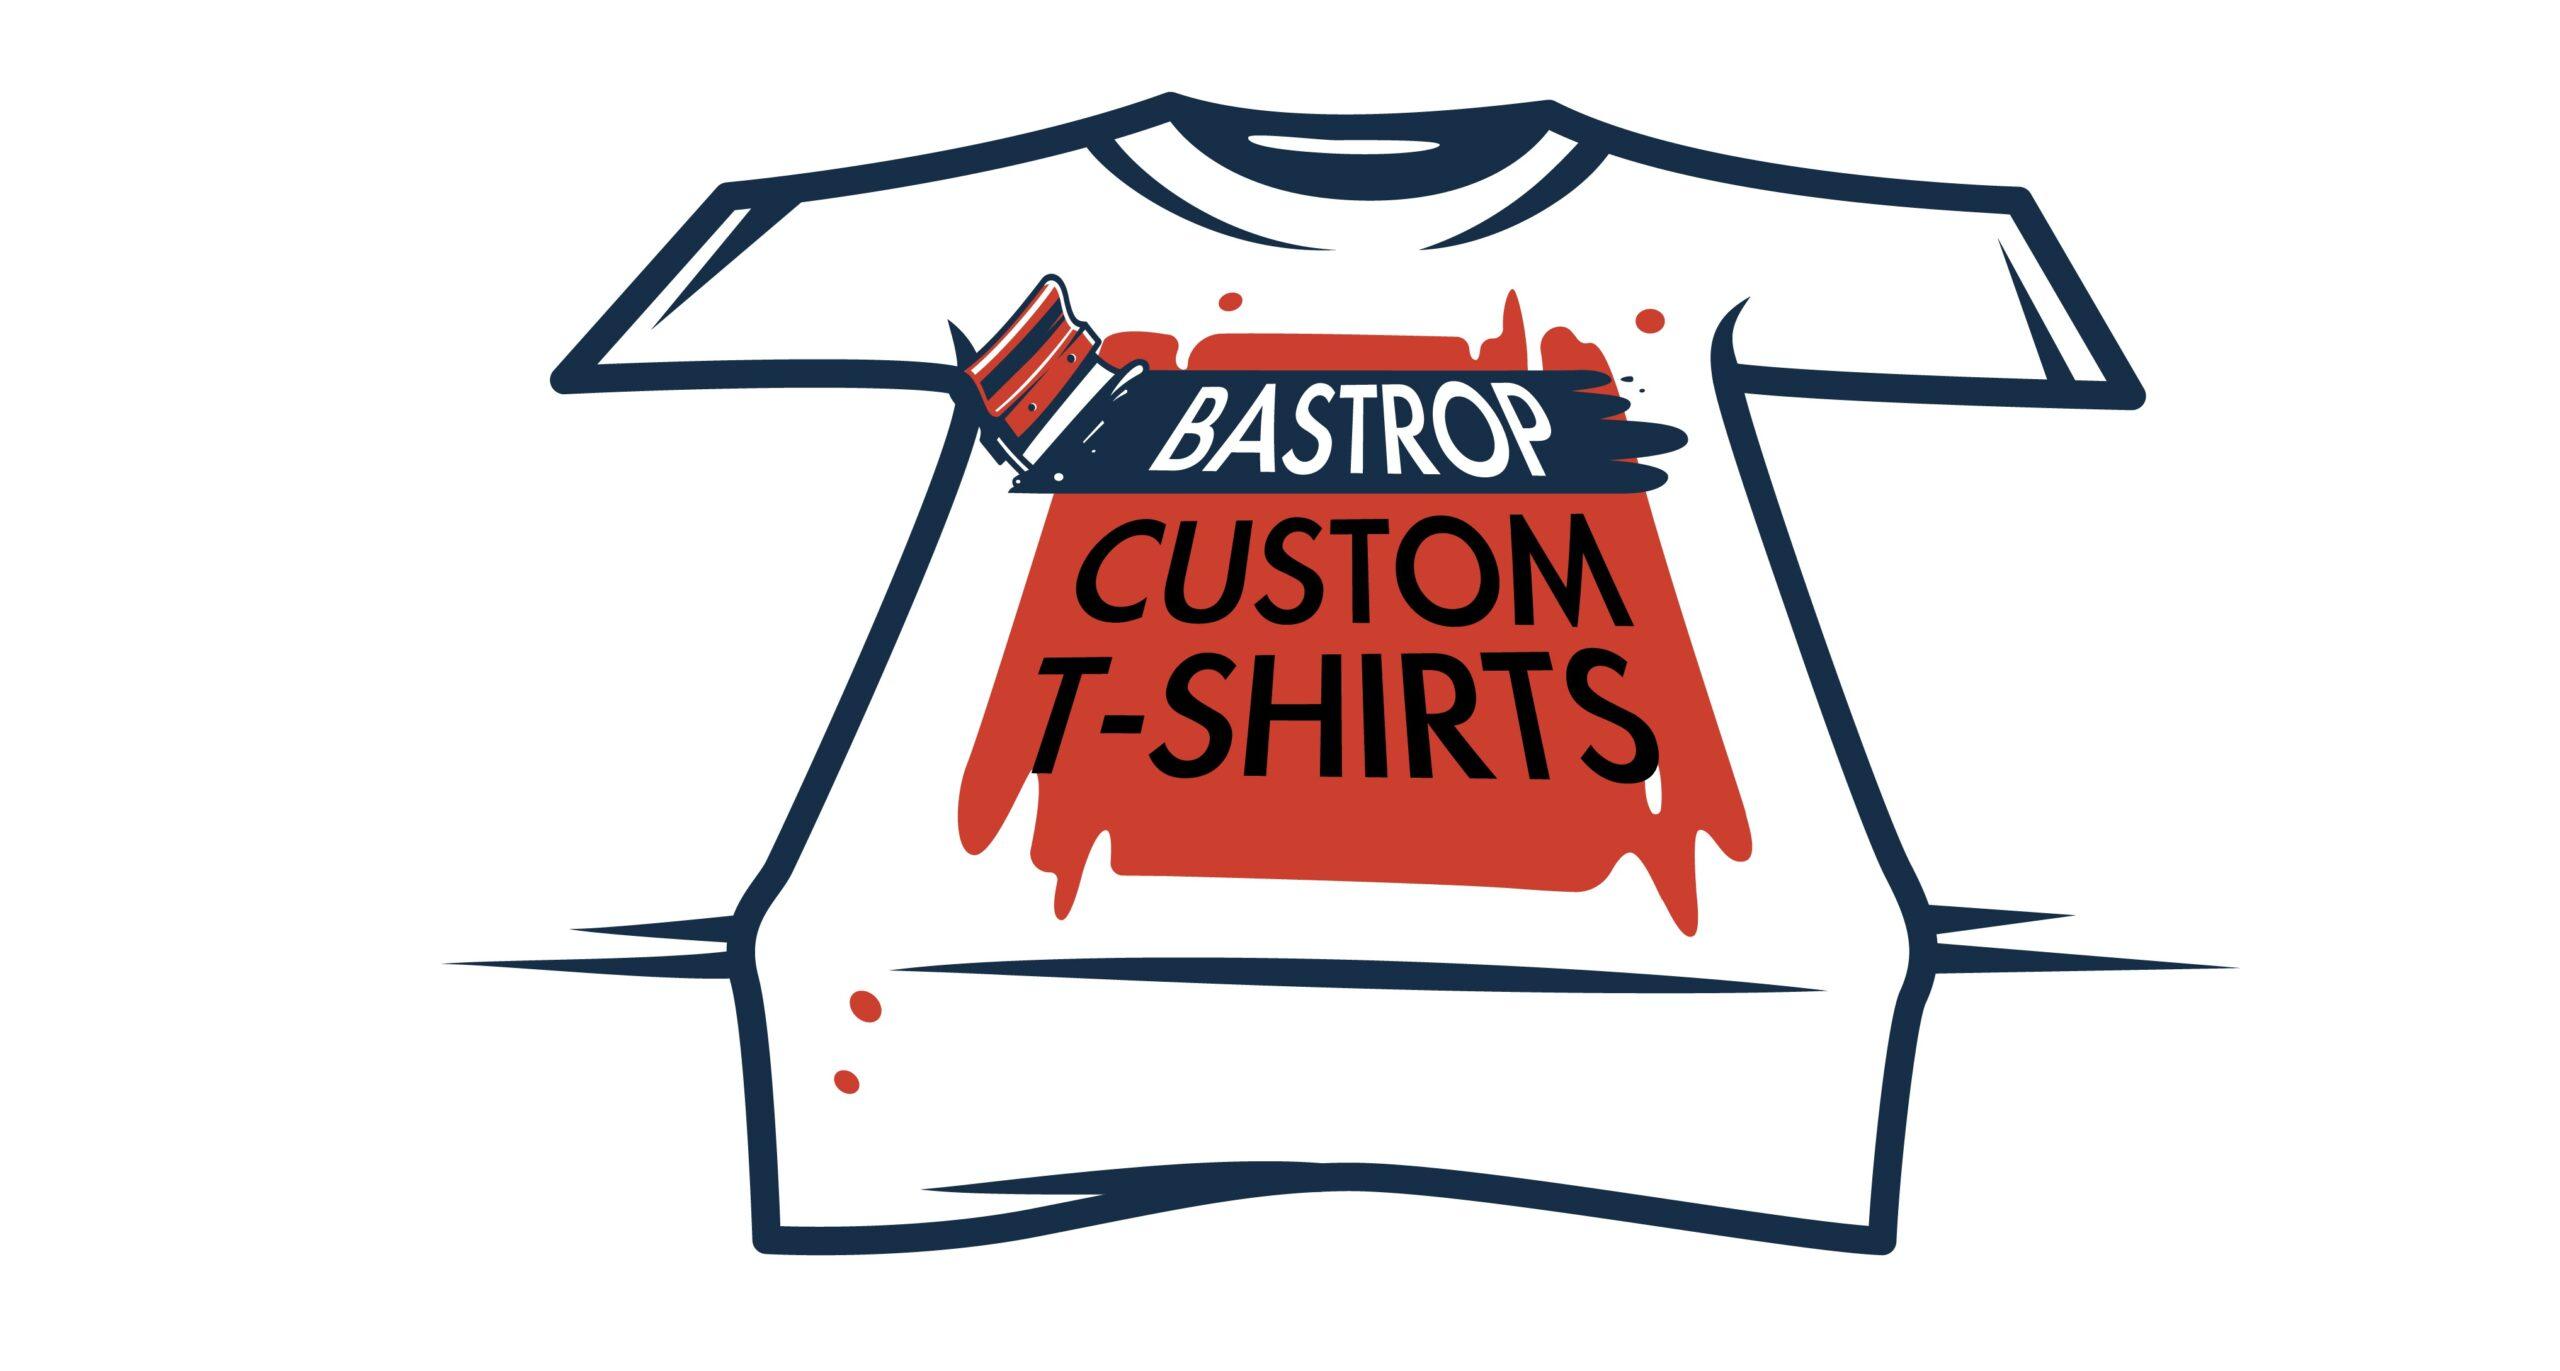 Bastropcustomtshirts